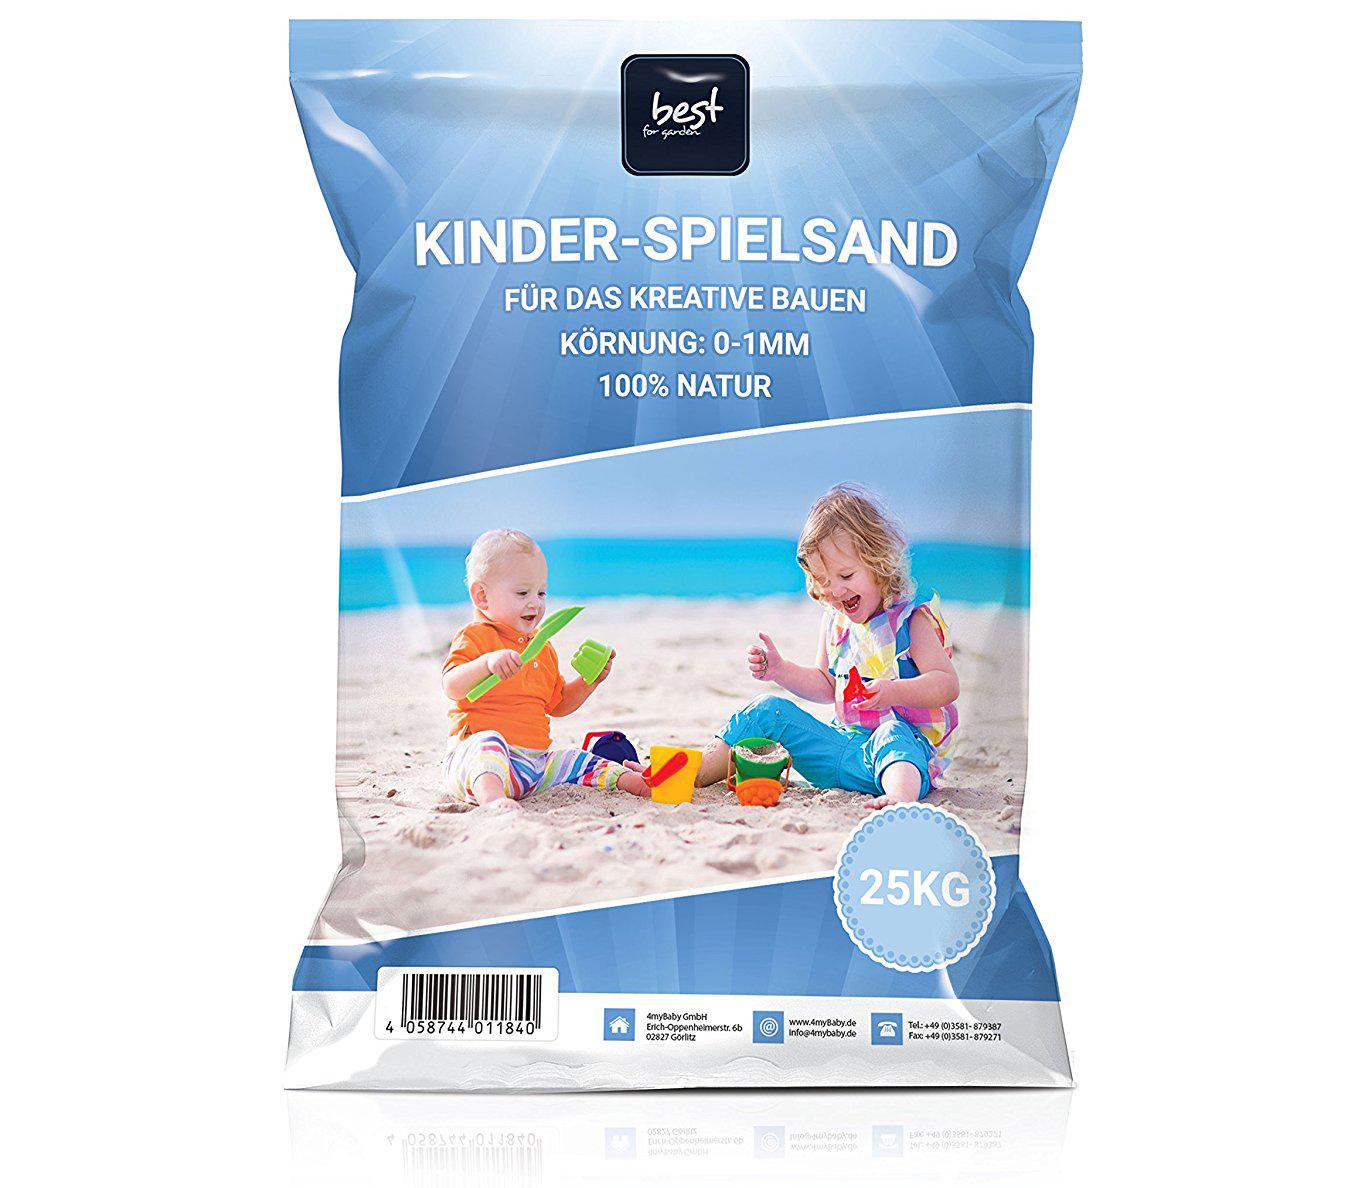 best for garden 25kg spielsand quarzsand f r sandkasten sandkiste dekosand ebay. Black Bedroom Furniture Sets. Home Design Ideas